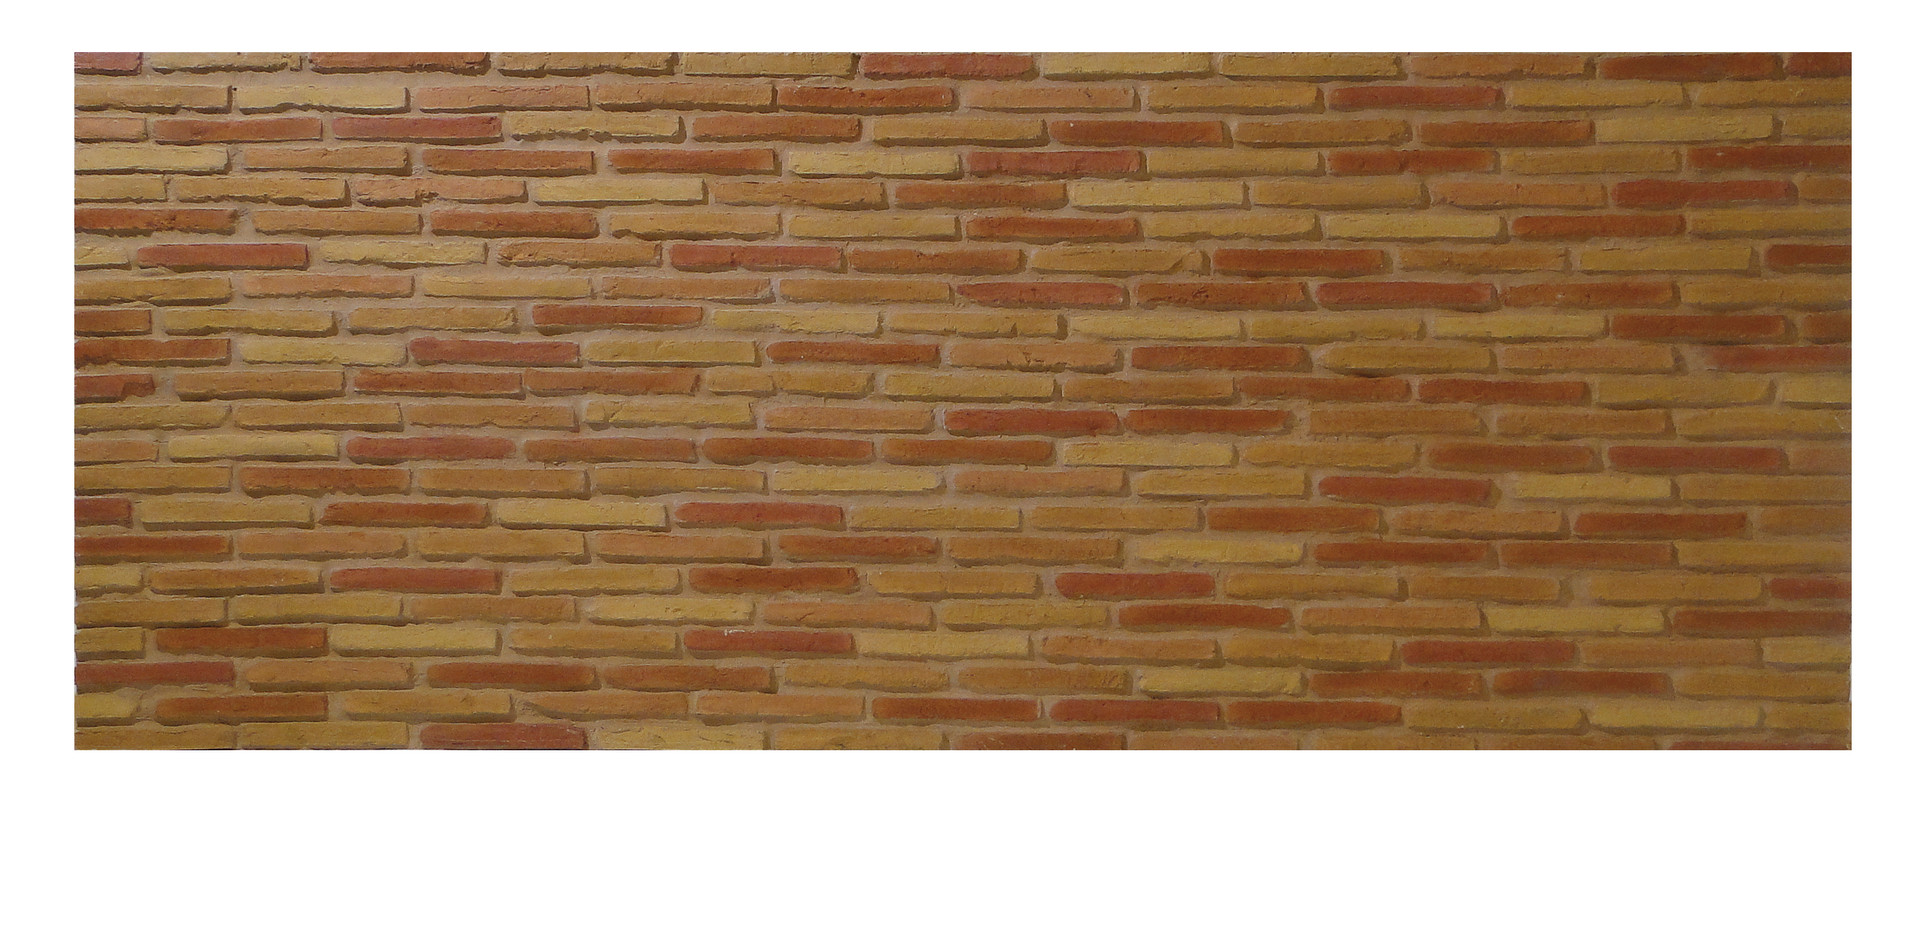 Ladrillo - Multicolor (233)